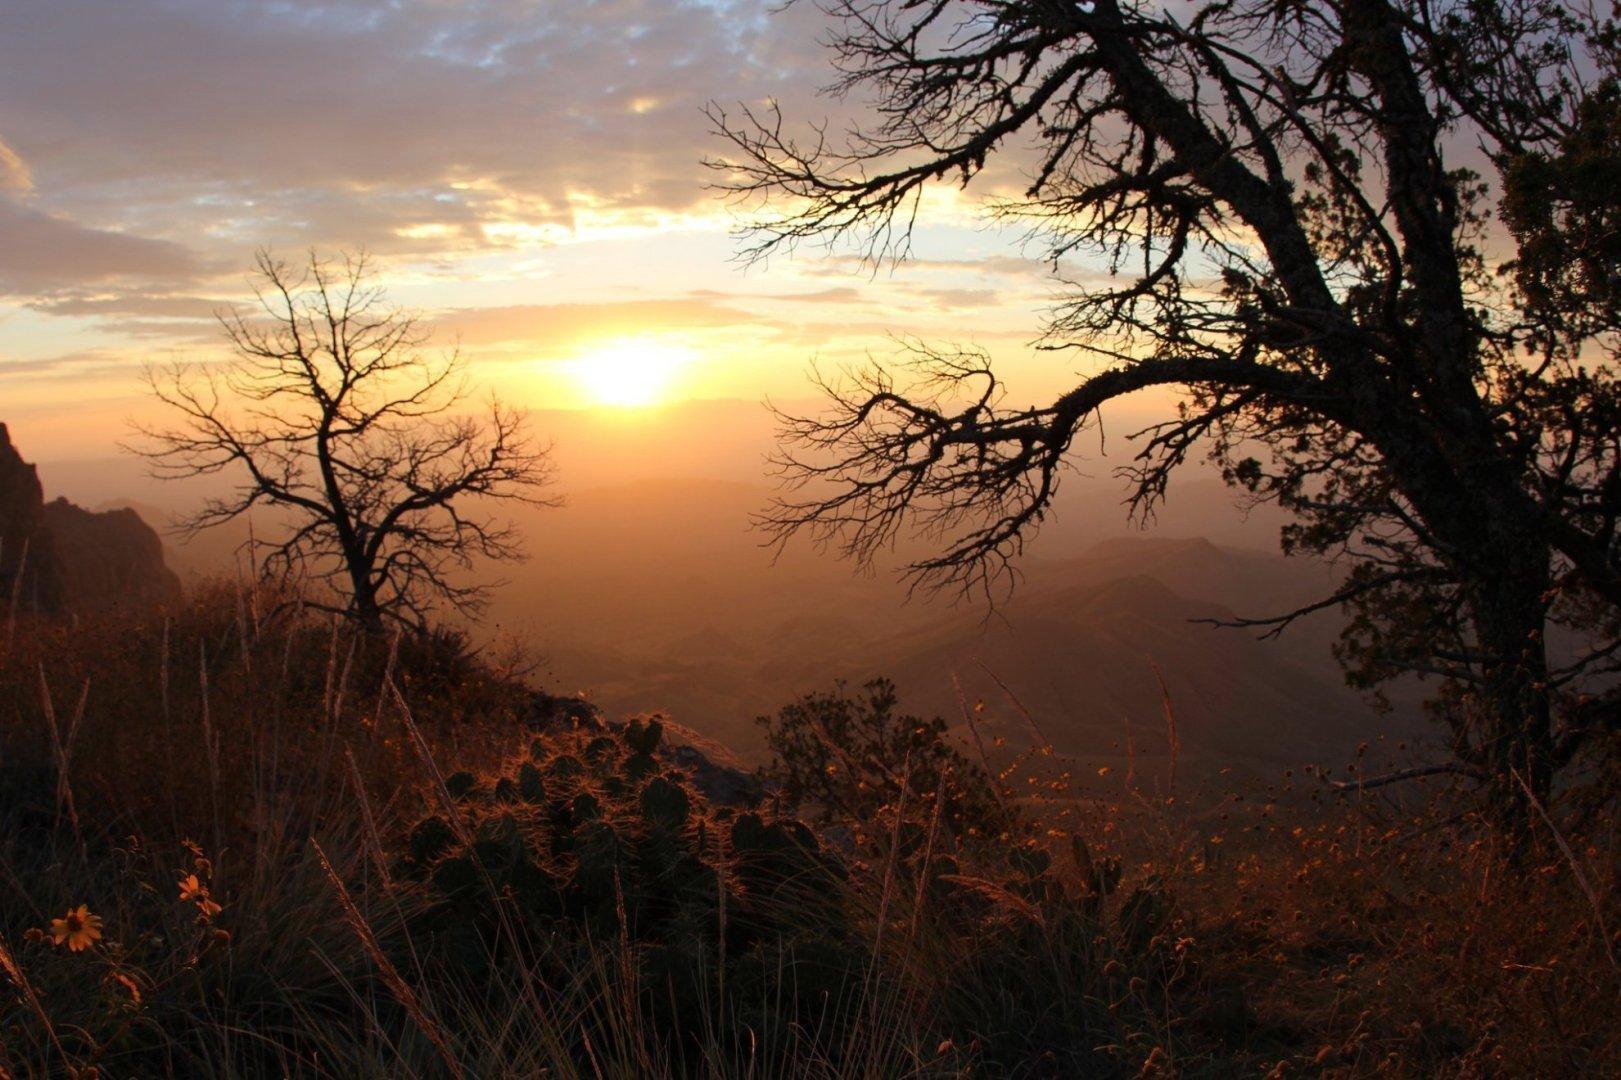 Big Bend National Park © David Fulmer/Flickr